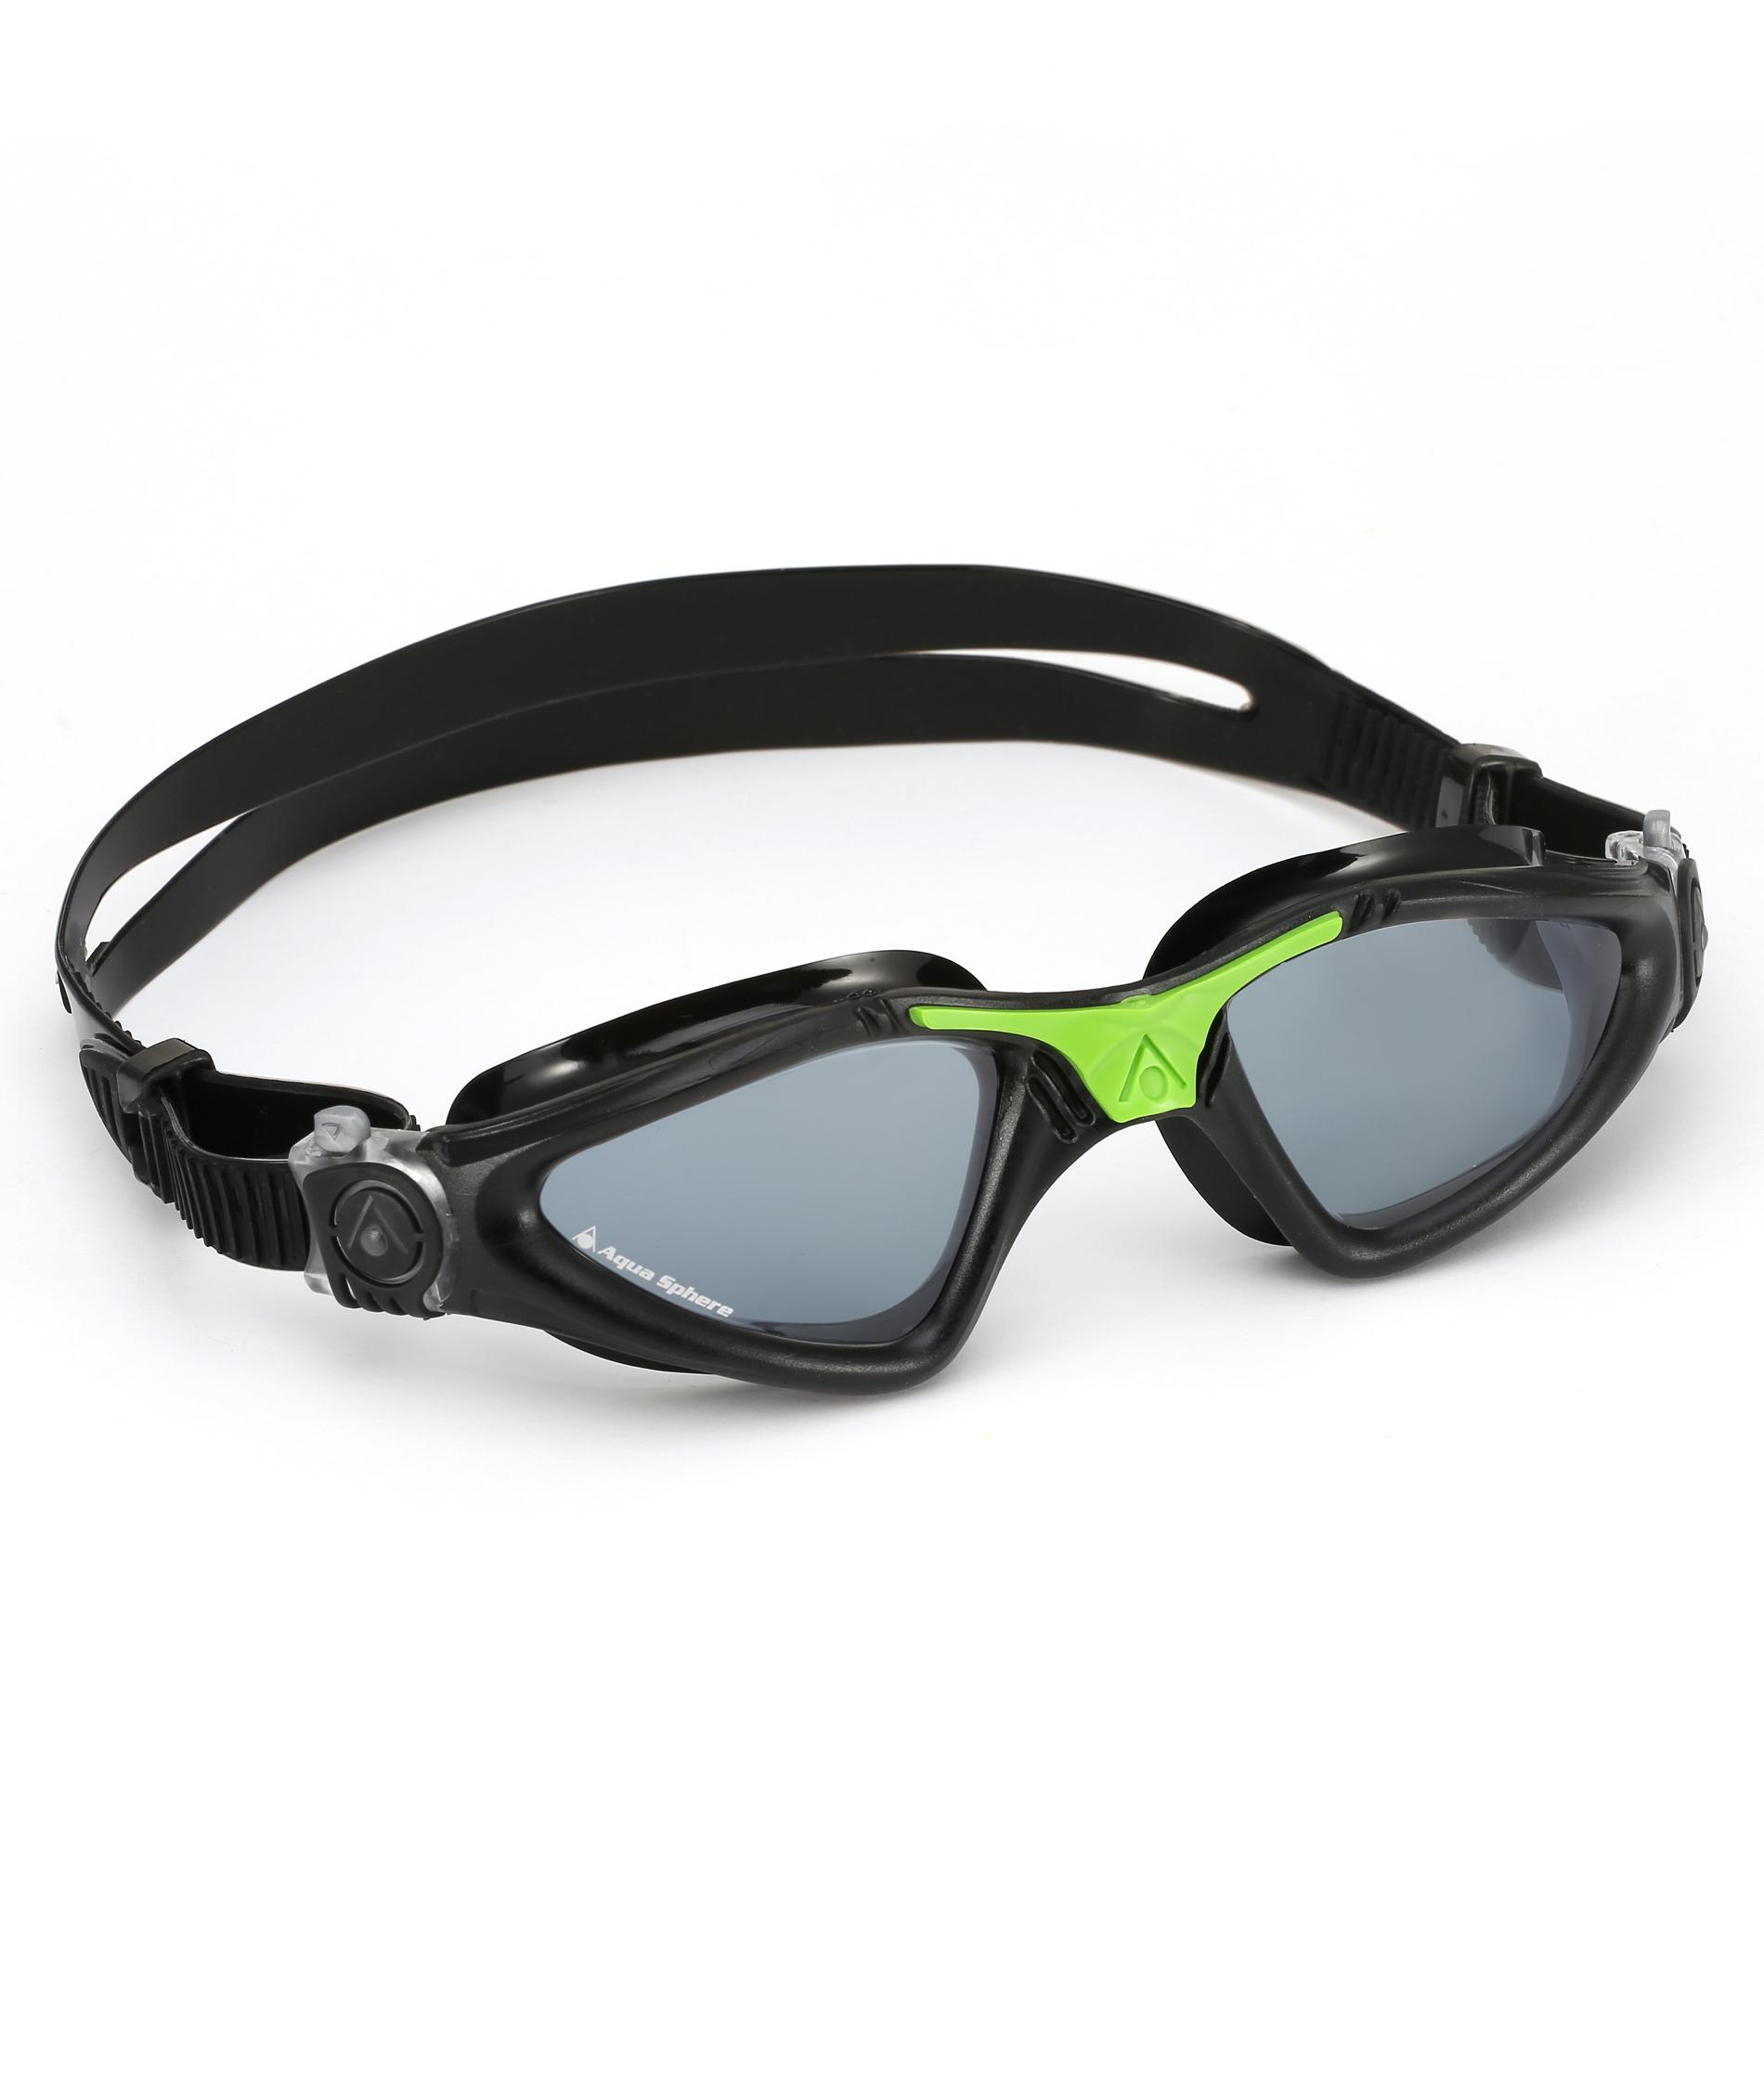 Aqua Sphere Kayenne Goggles - Black/Green